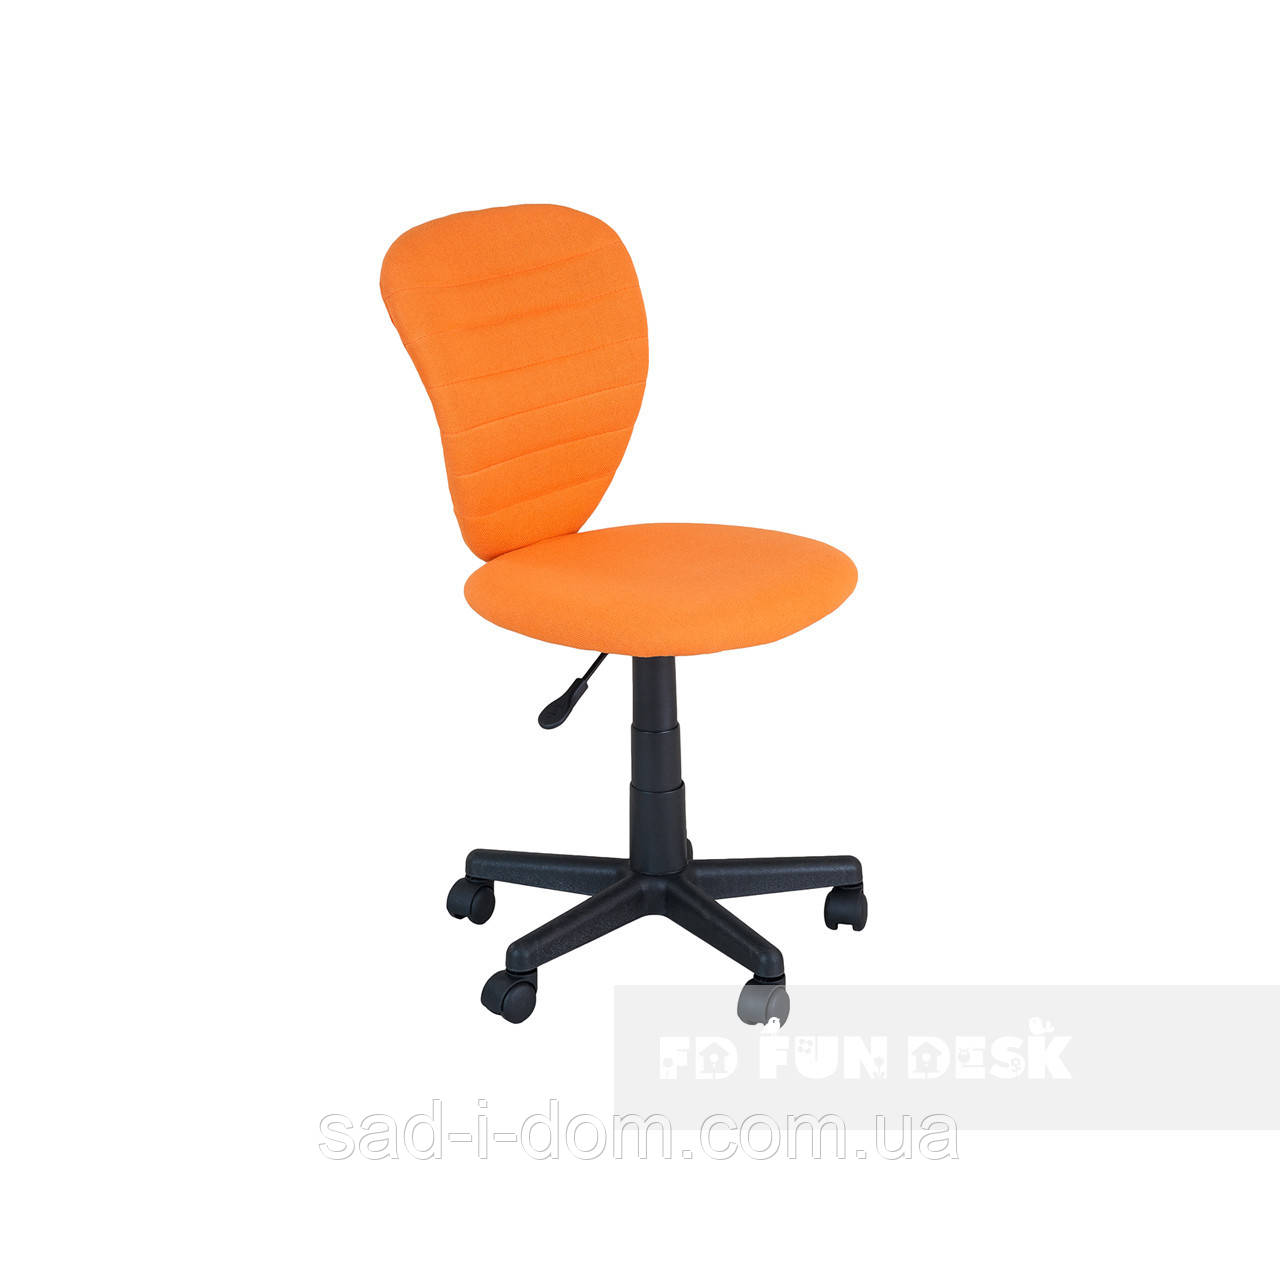 Детское ортопедическое кресло для школьника FunDesk LST2, оранжевое